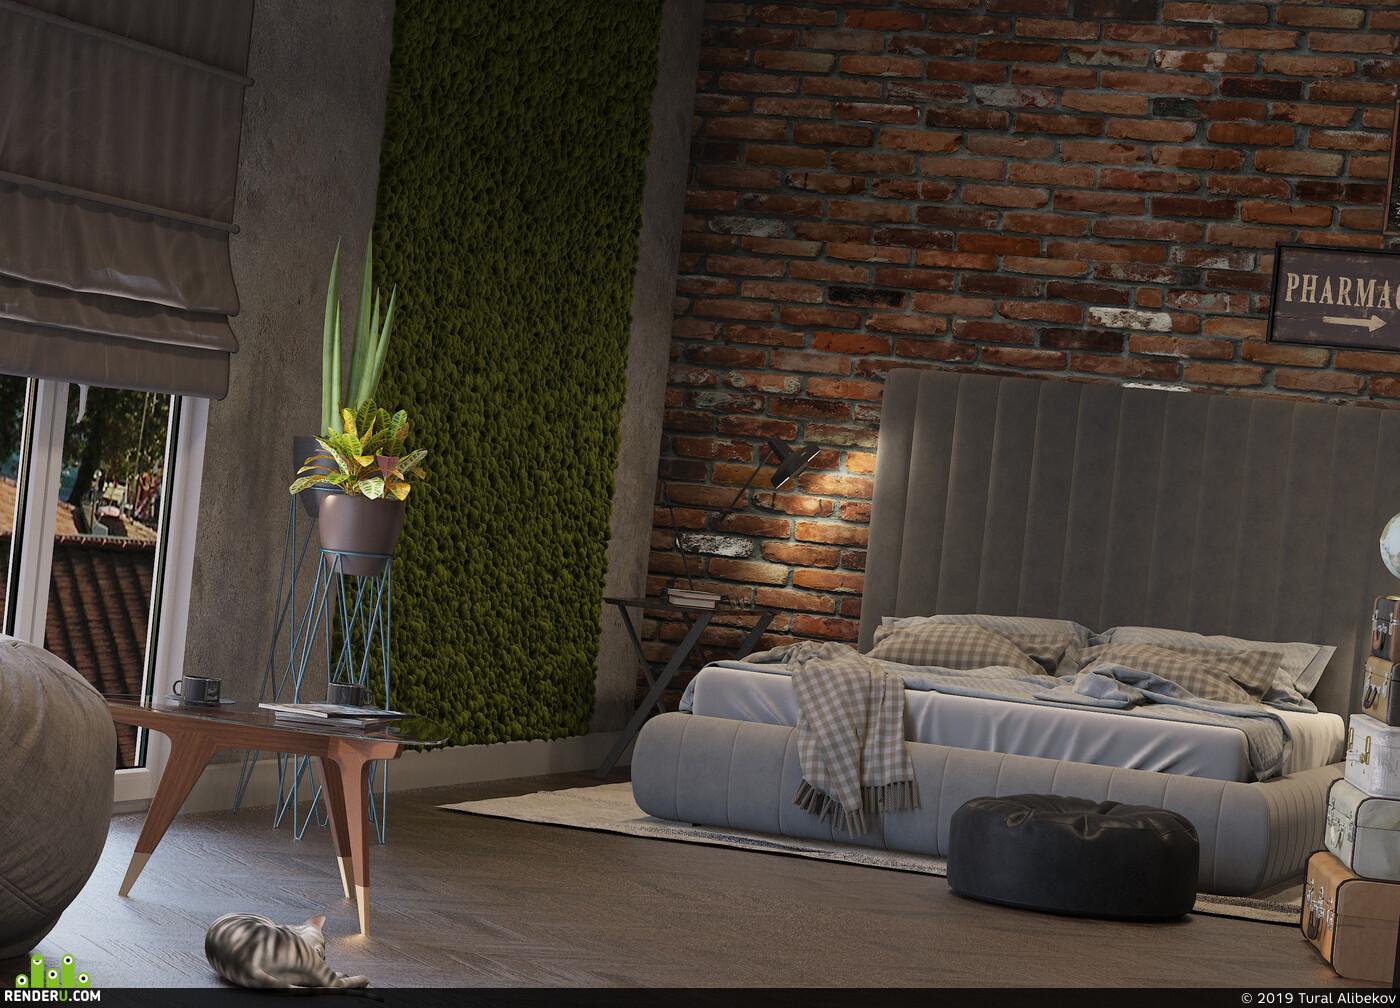 дизайн интерьера, interior interior design design 3D 3D Studio Max 3D архитектура интерьер дизайн интерьера интерьер, visualization